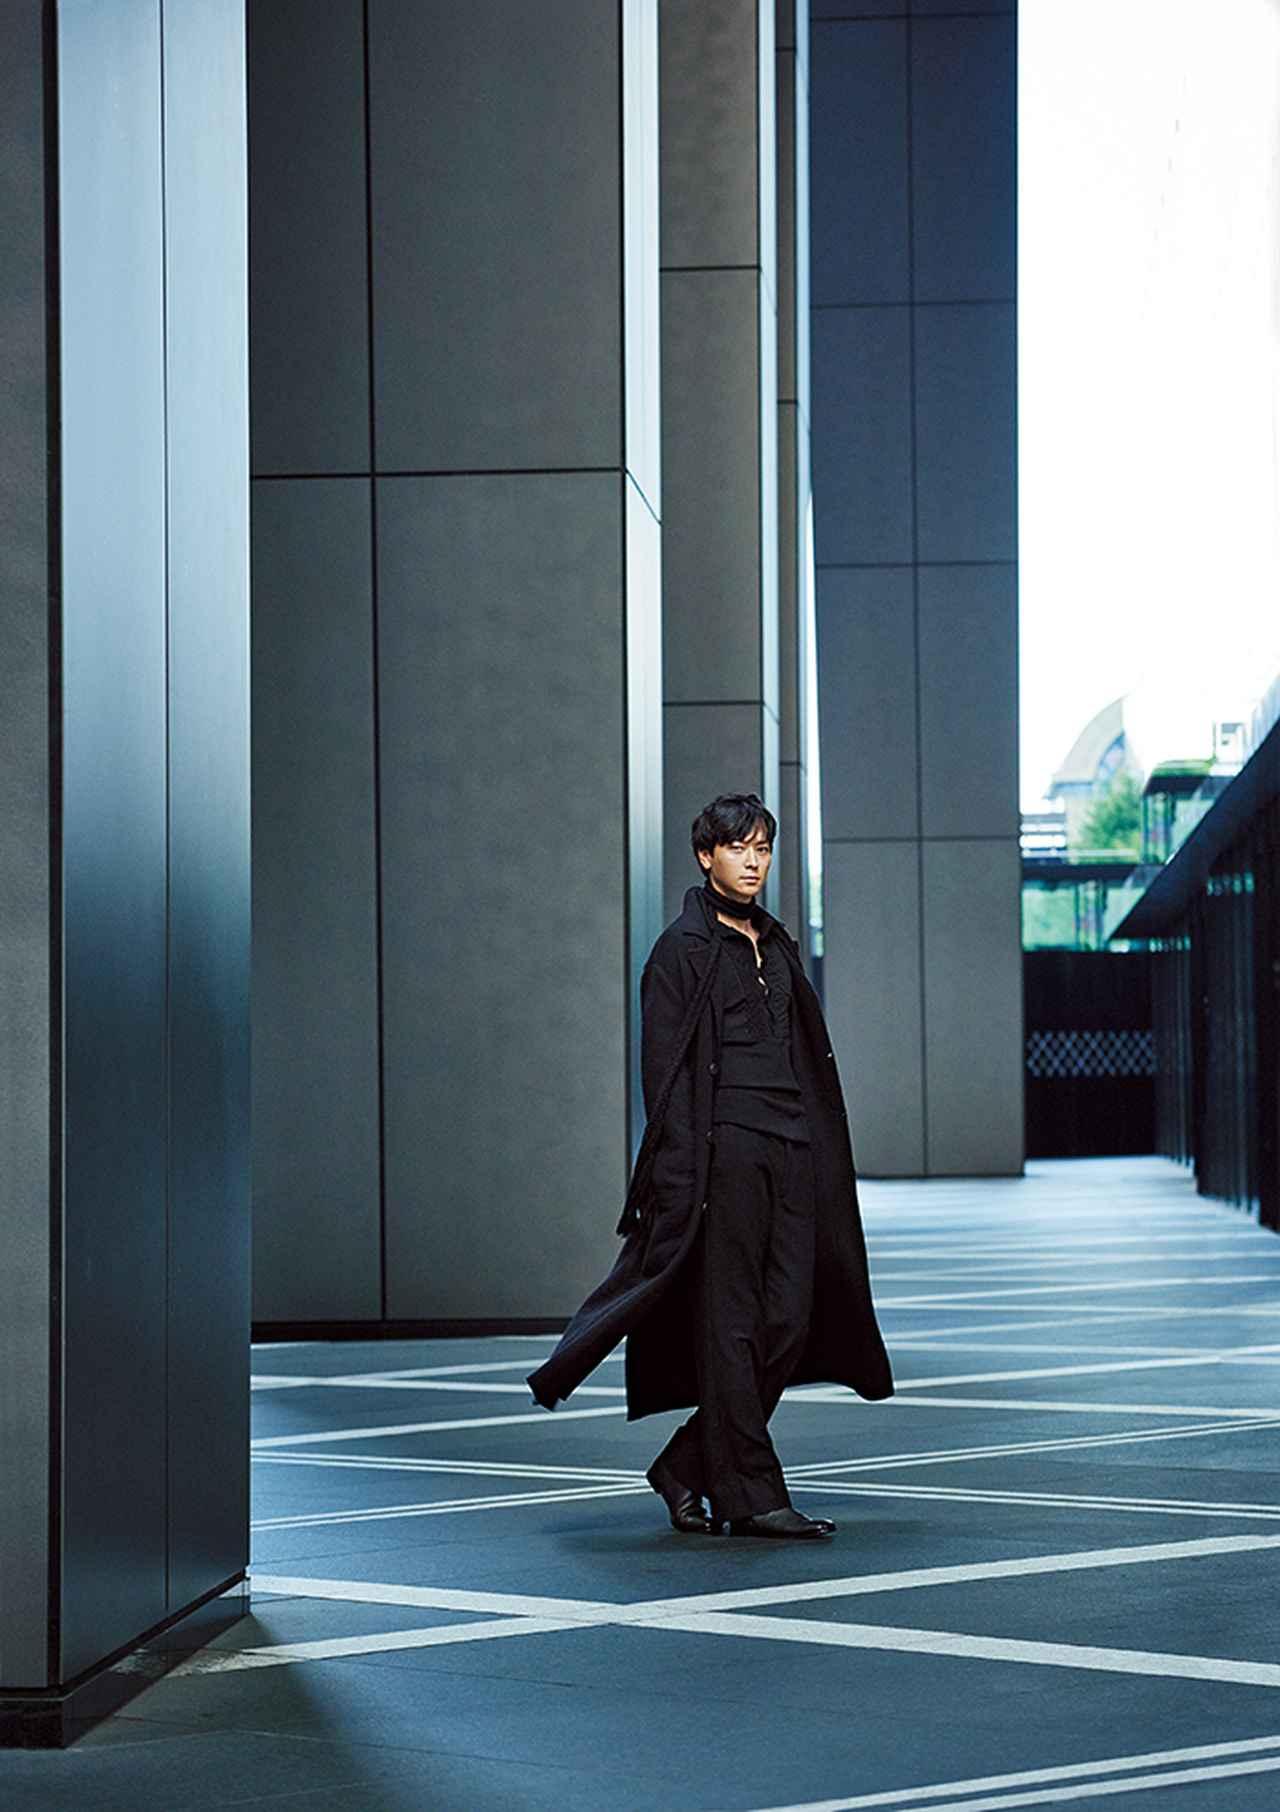 """Images : 7番目の画像 - 「俳優カン・ドンウォンが着こなす """"スタイル""""のある服」のアルバム - T JAPAN:The New York Times Style Magazine 公式サイト"""